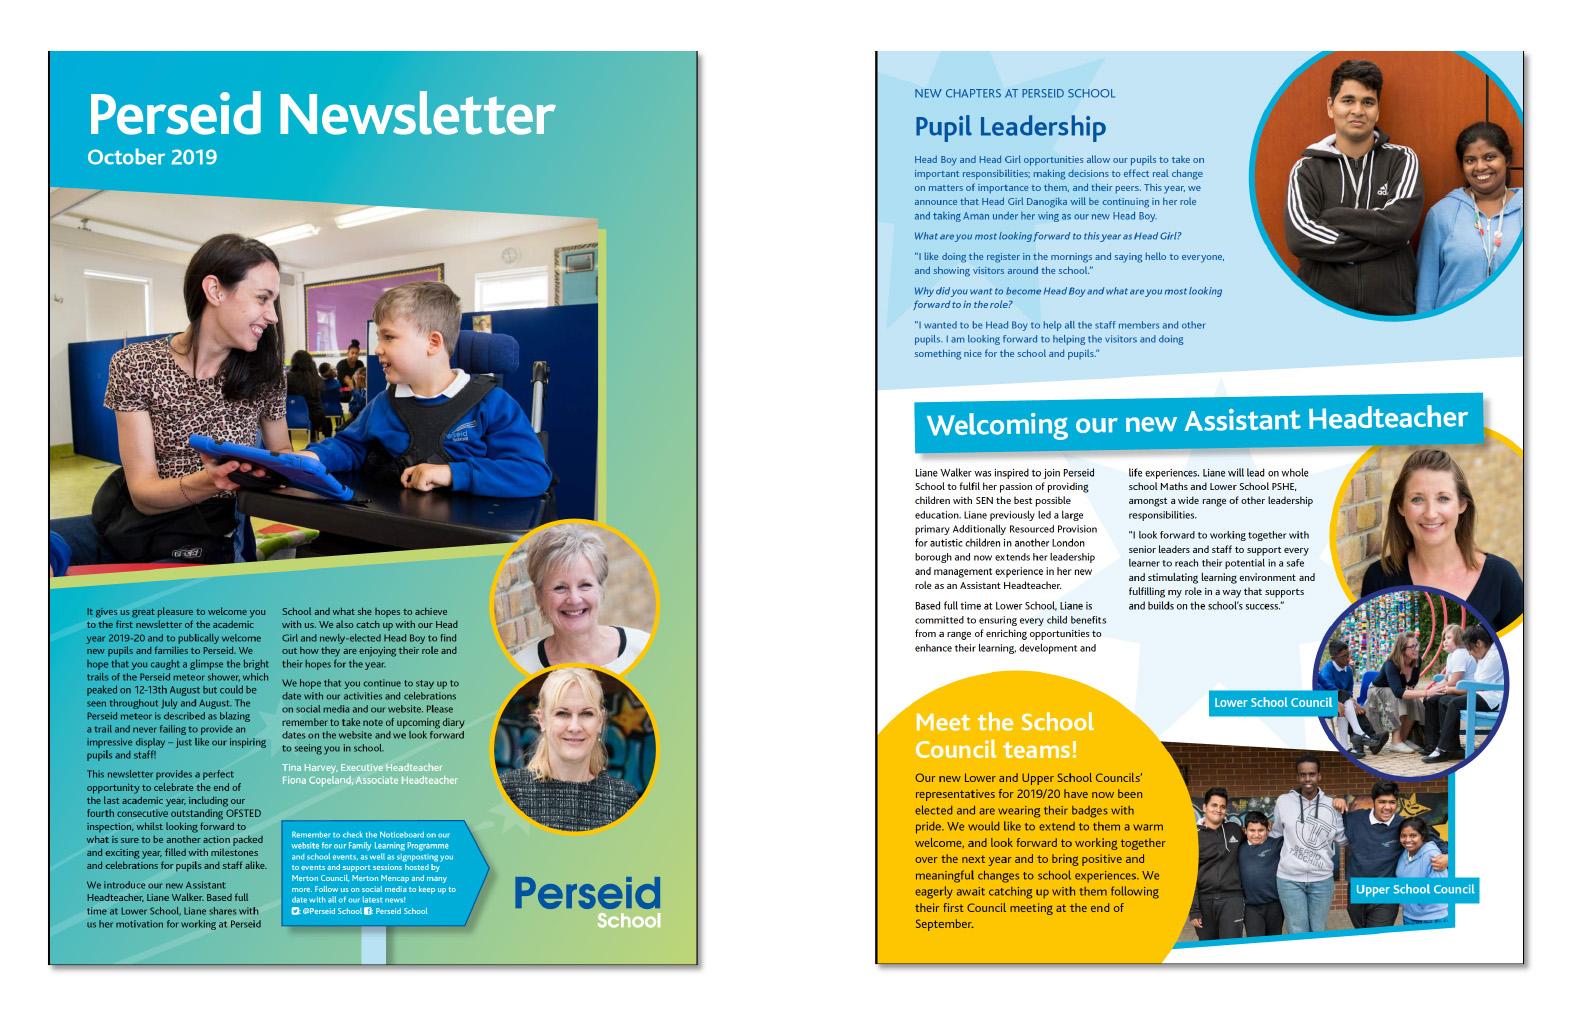 Perseid School Newsletter